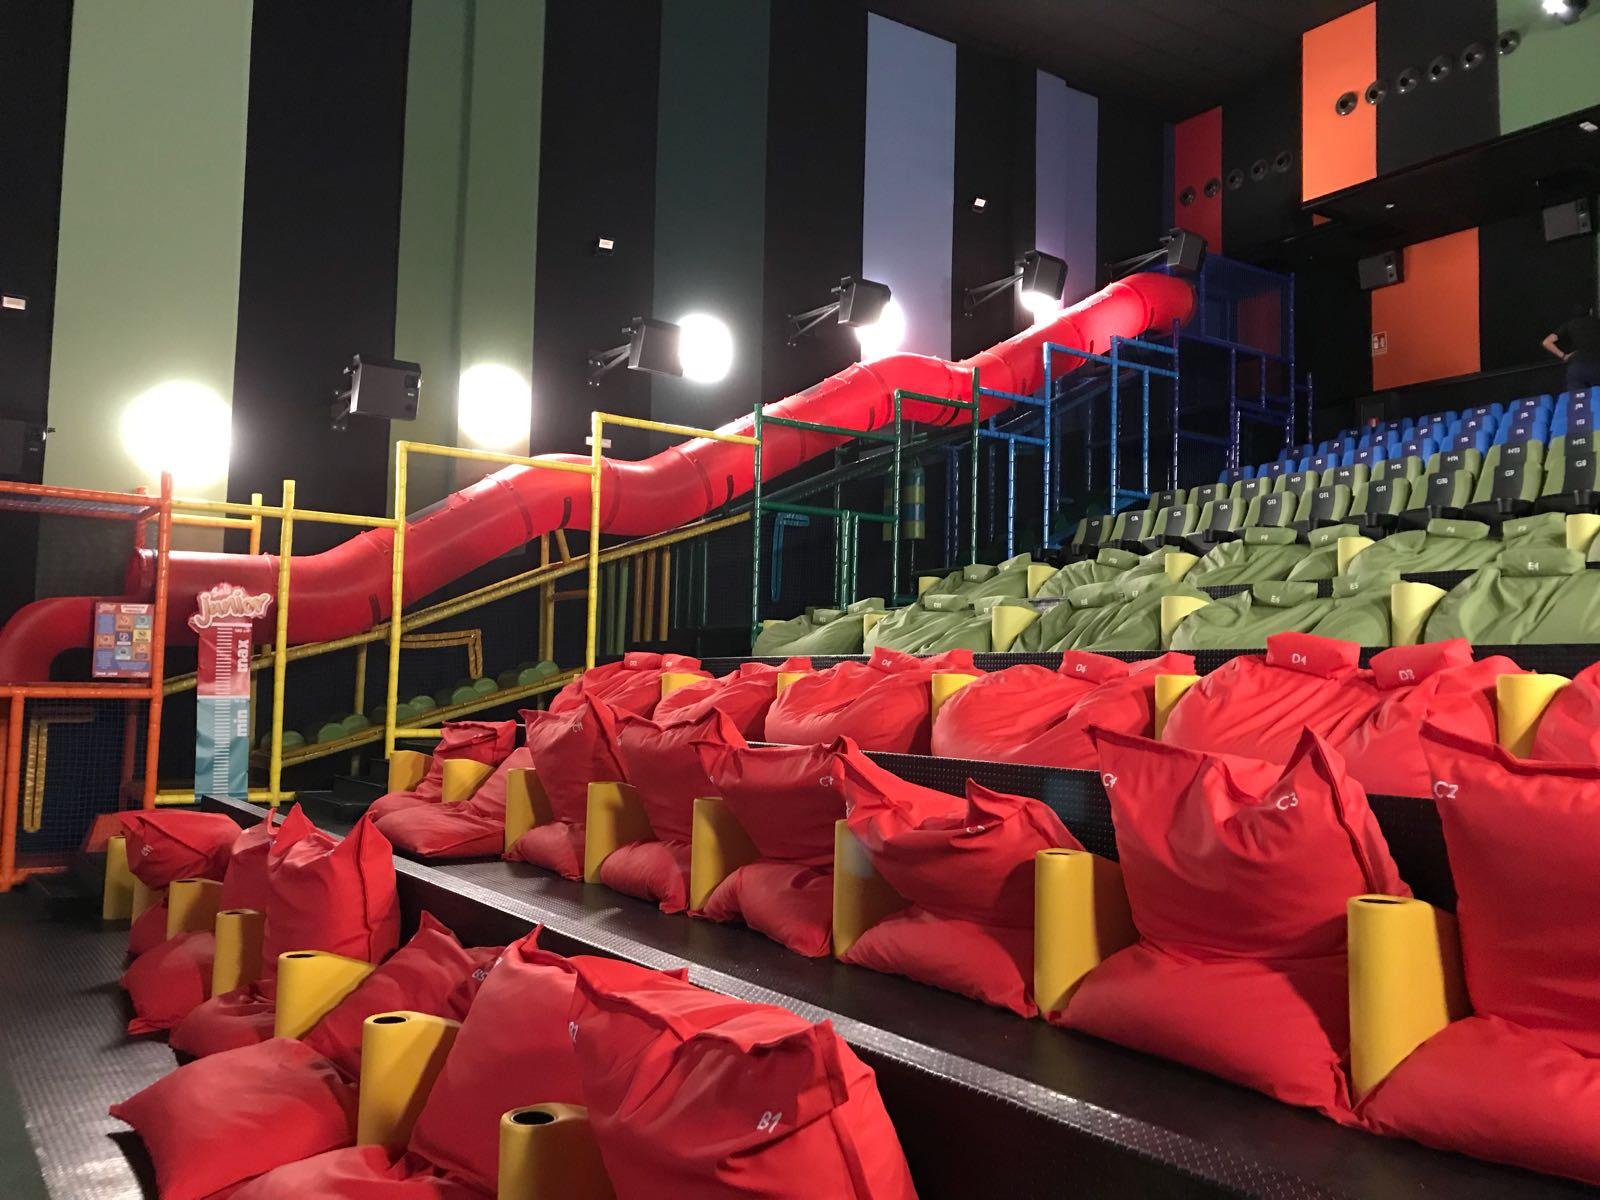 Opincan - Salas de cine Yelmo en el Centro Comercial Alisios 16